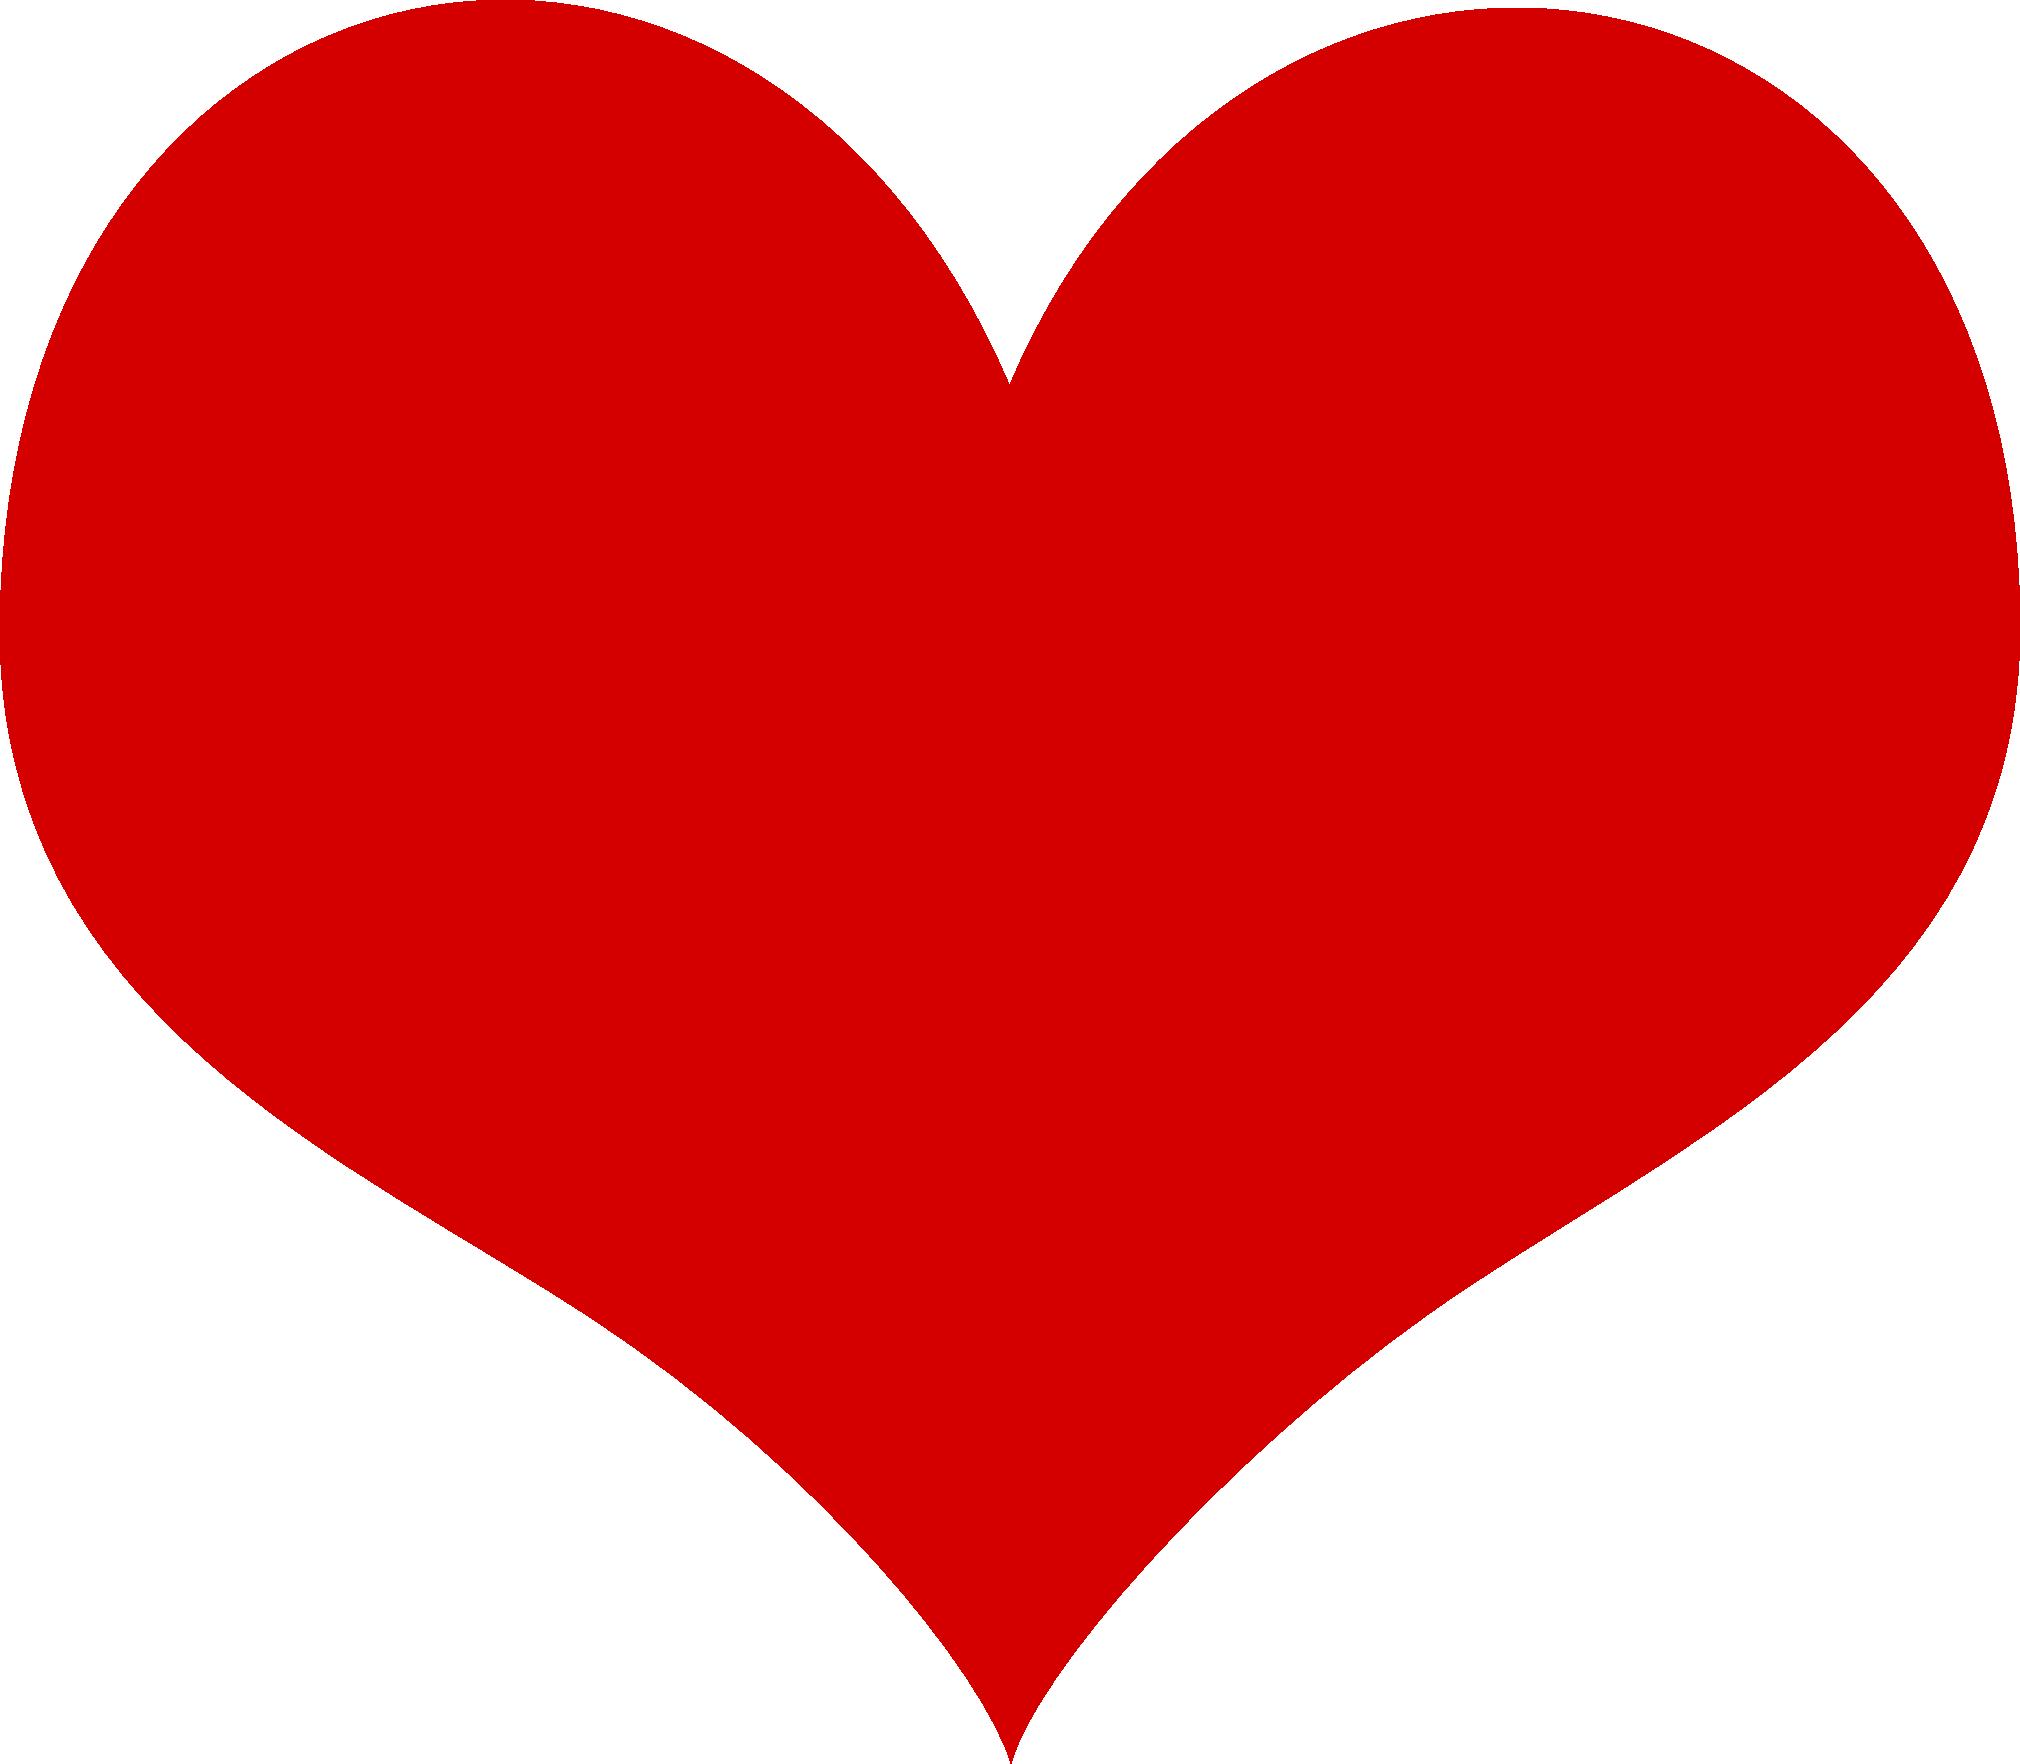 Heart Clipart-heart clipart-0